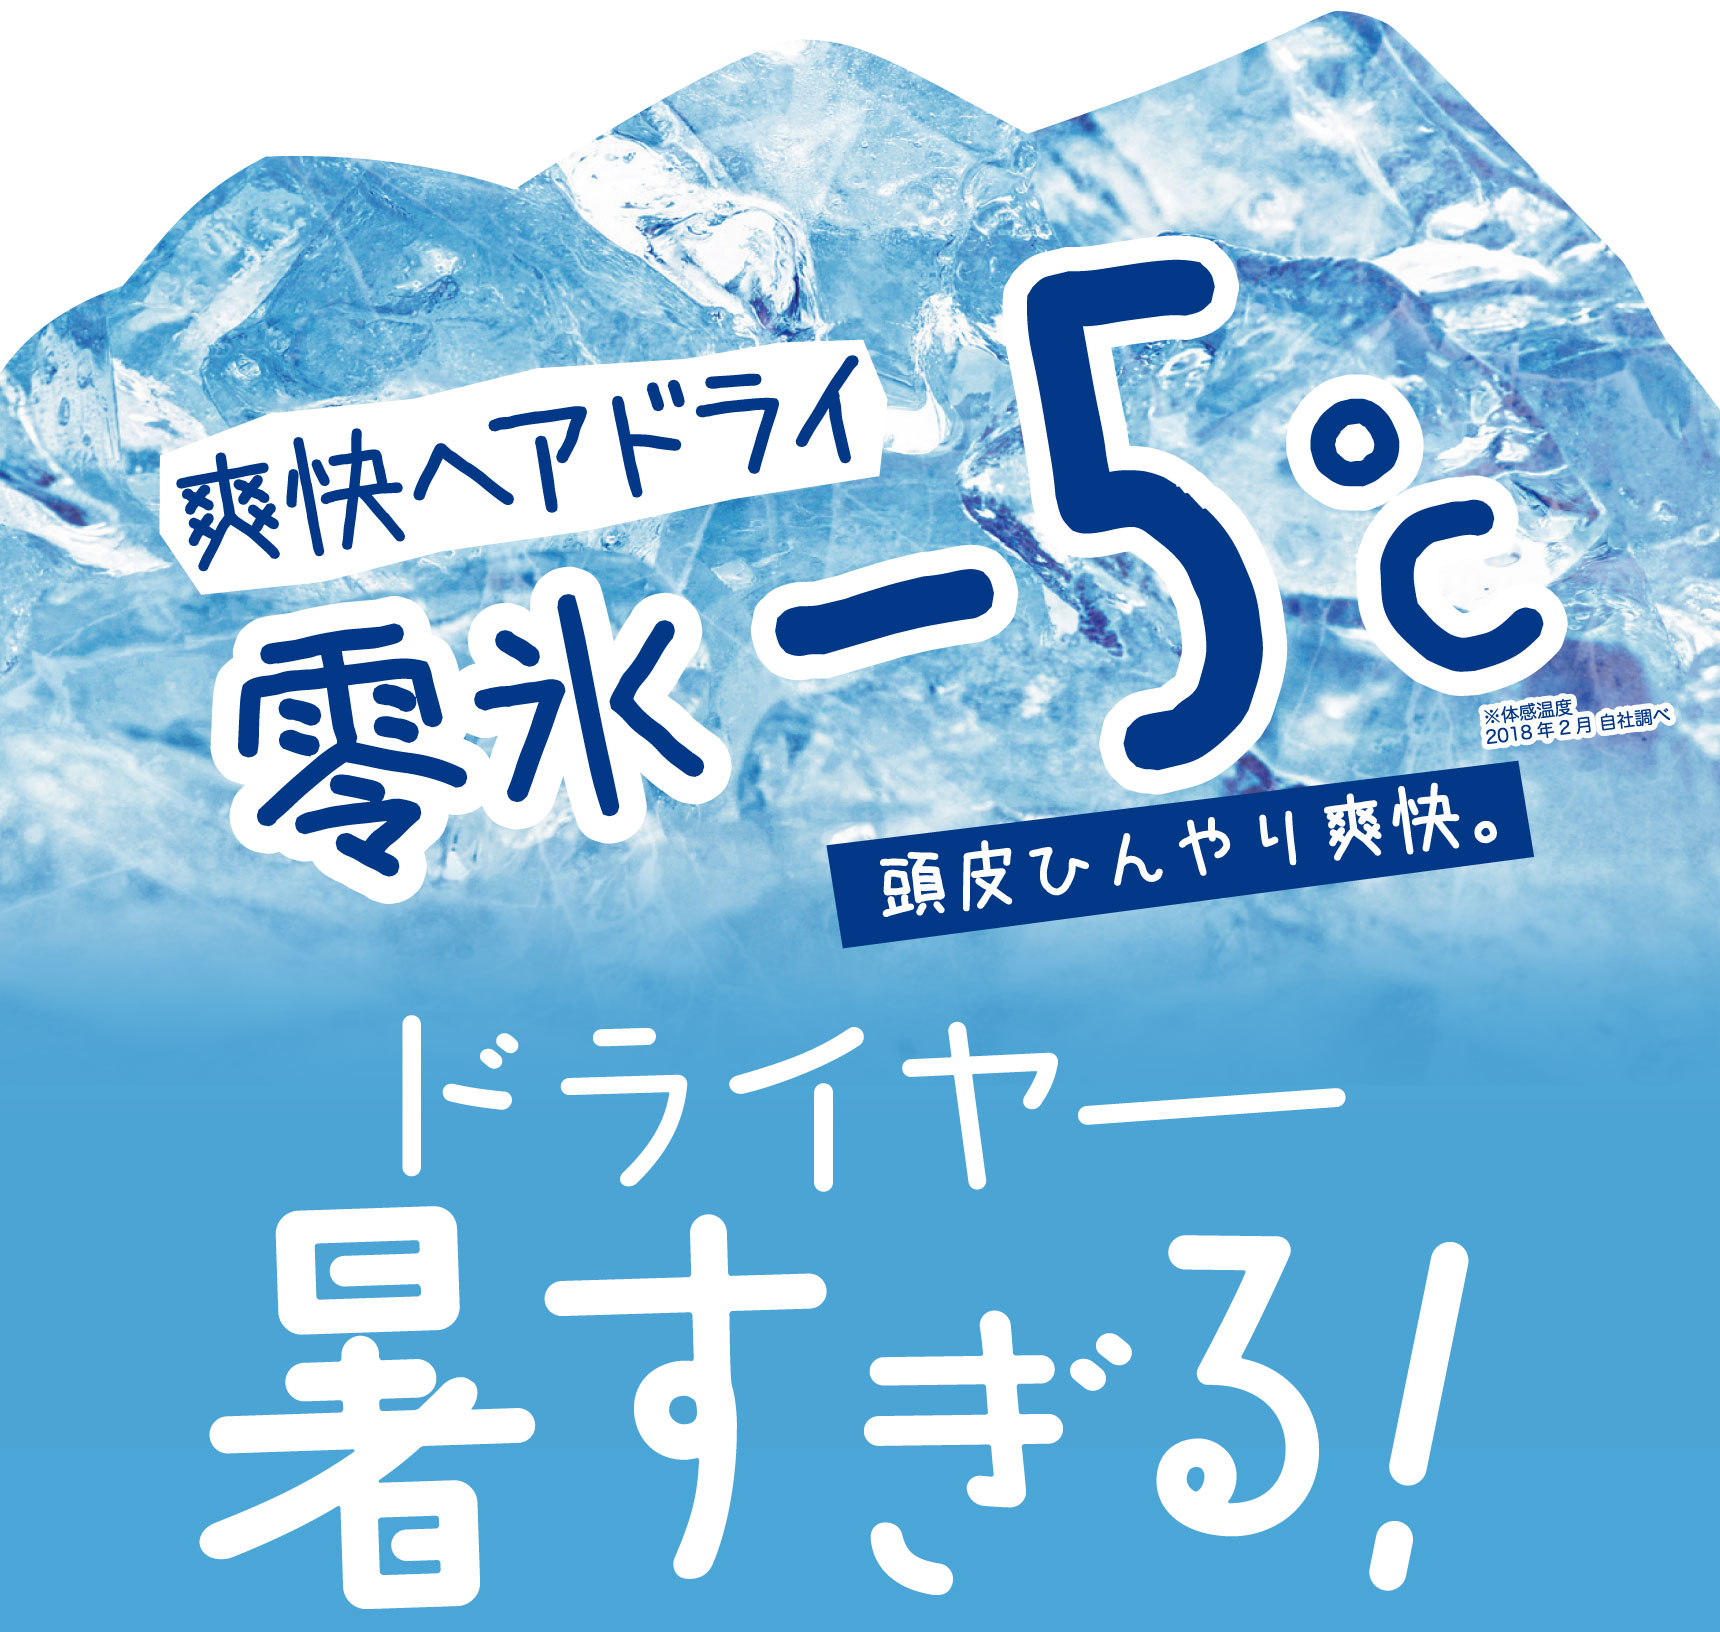 爽快ヘアドライ 零氷−5℃ ※体感温度2018年2月自社調べ 頭皮ひんやり爽快。 ドライヤー 暑すぎる!